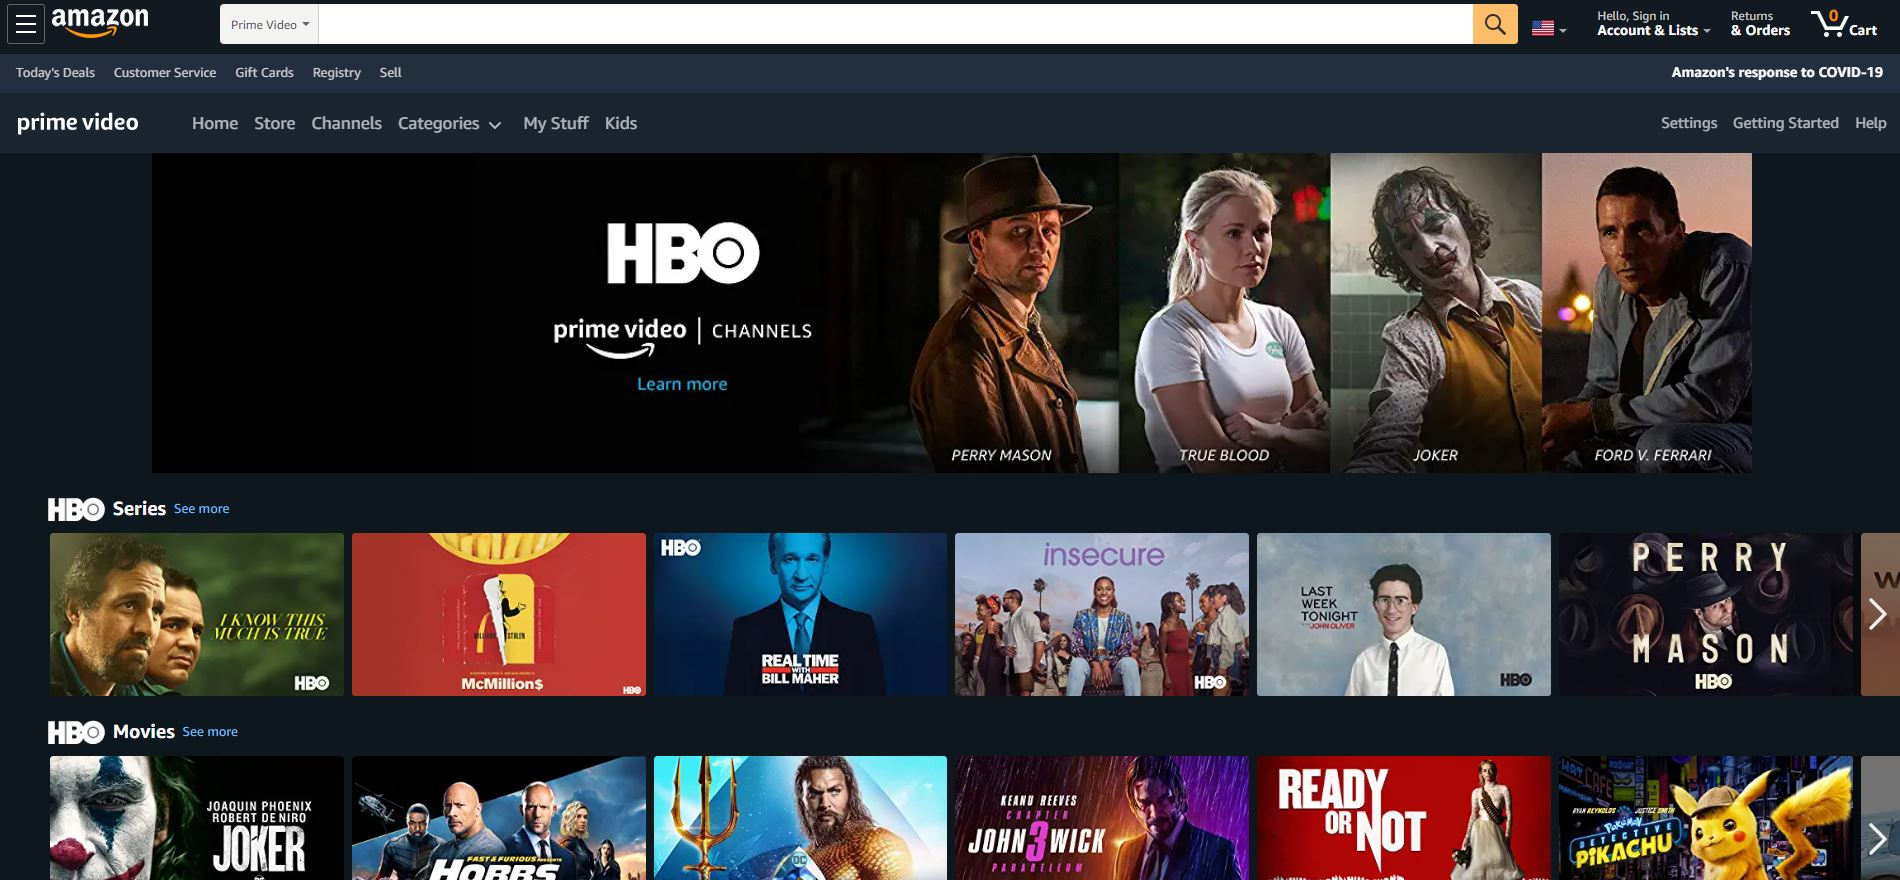 AmazonプライムビデオでHBO作品が視聴できる